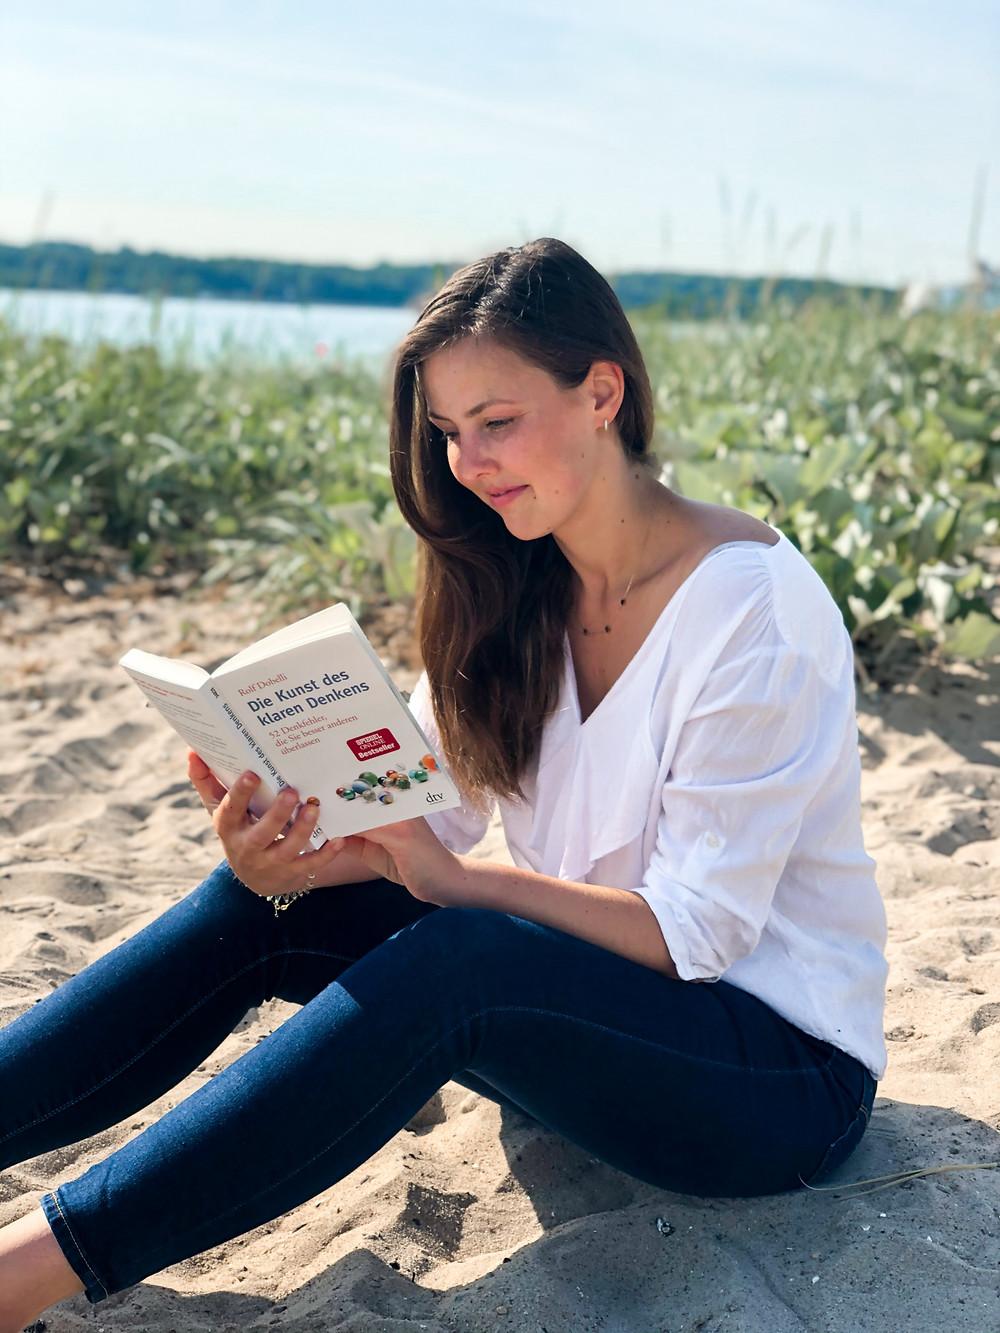 Die Rezension des Buches Die Kunst des klaren Denkens von Rolf Dobelli geschrieben von Bookbeaches.